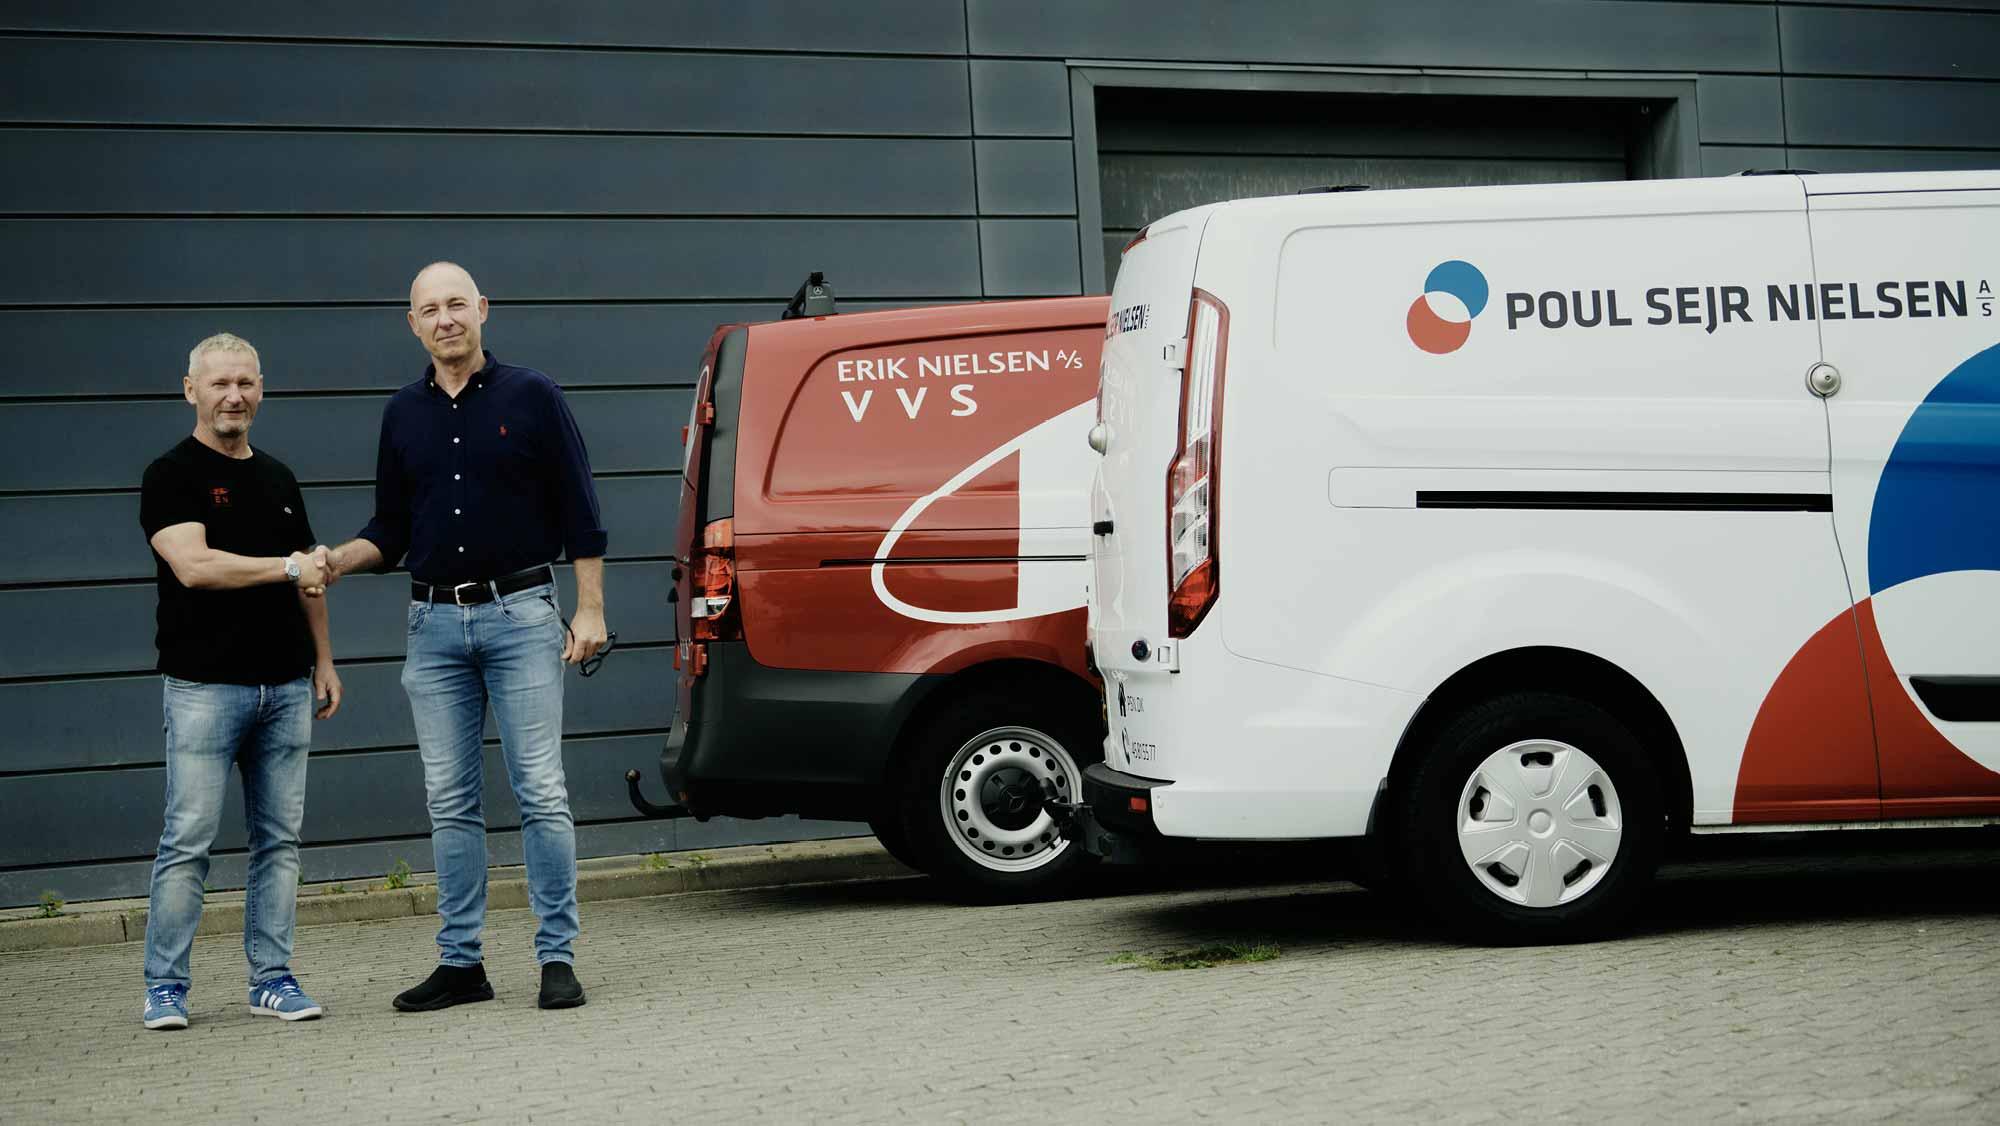 Poul Sejr Nielsen opkøber Erik Nielsen VVS A/S